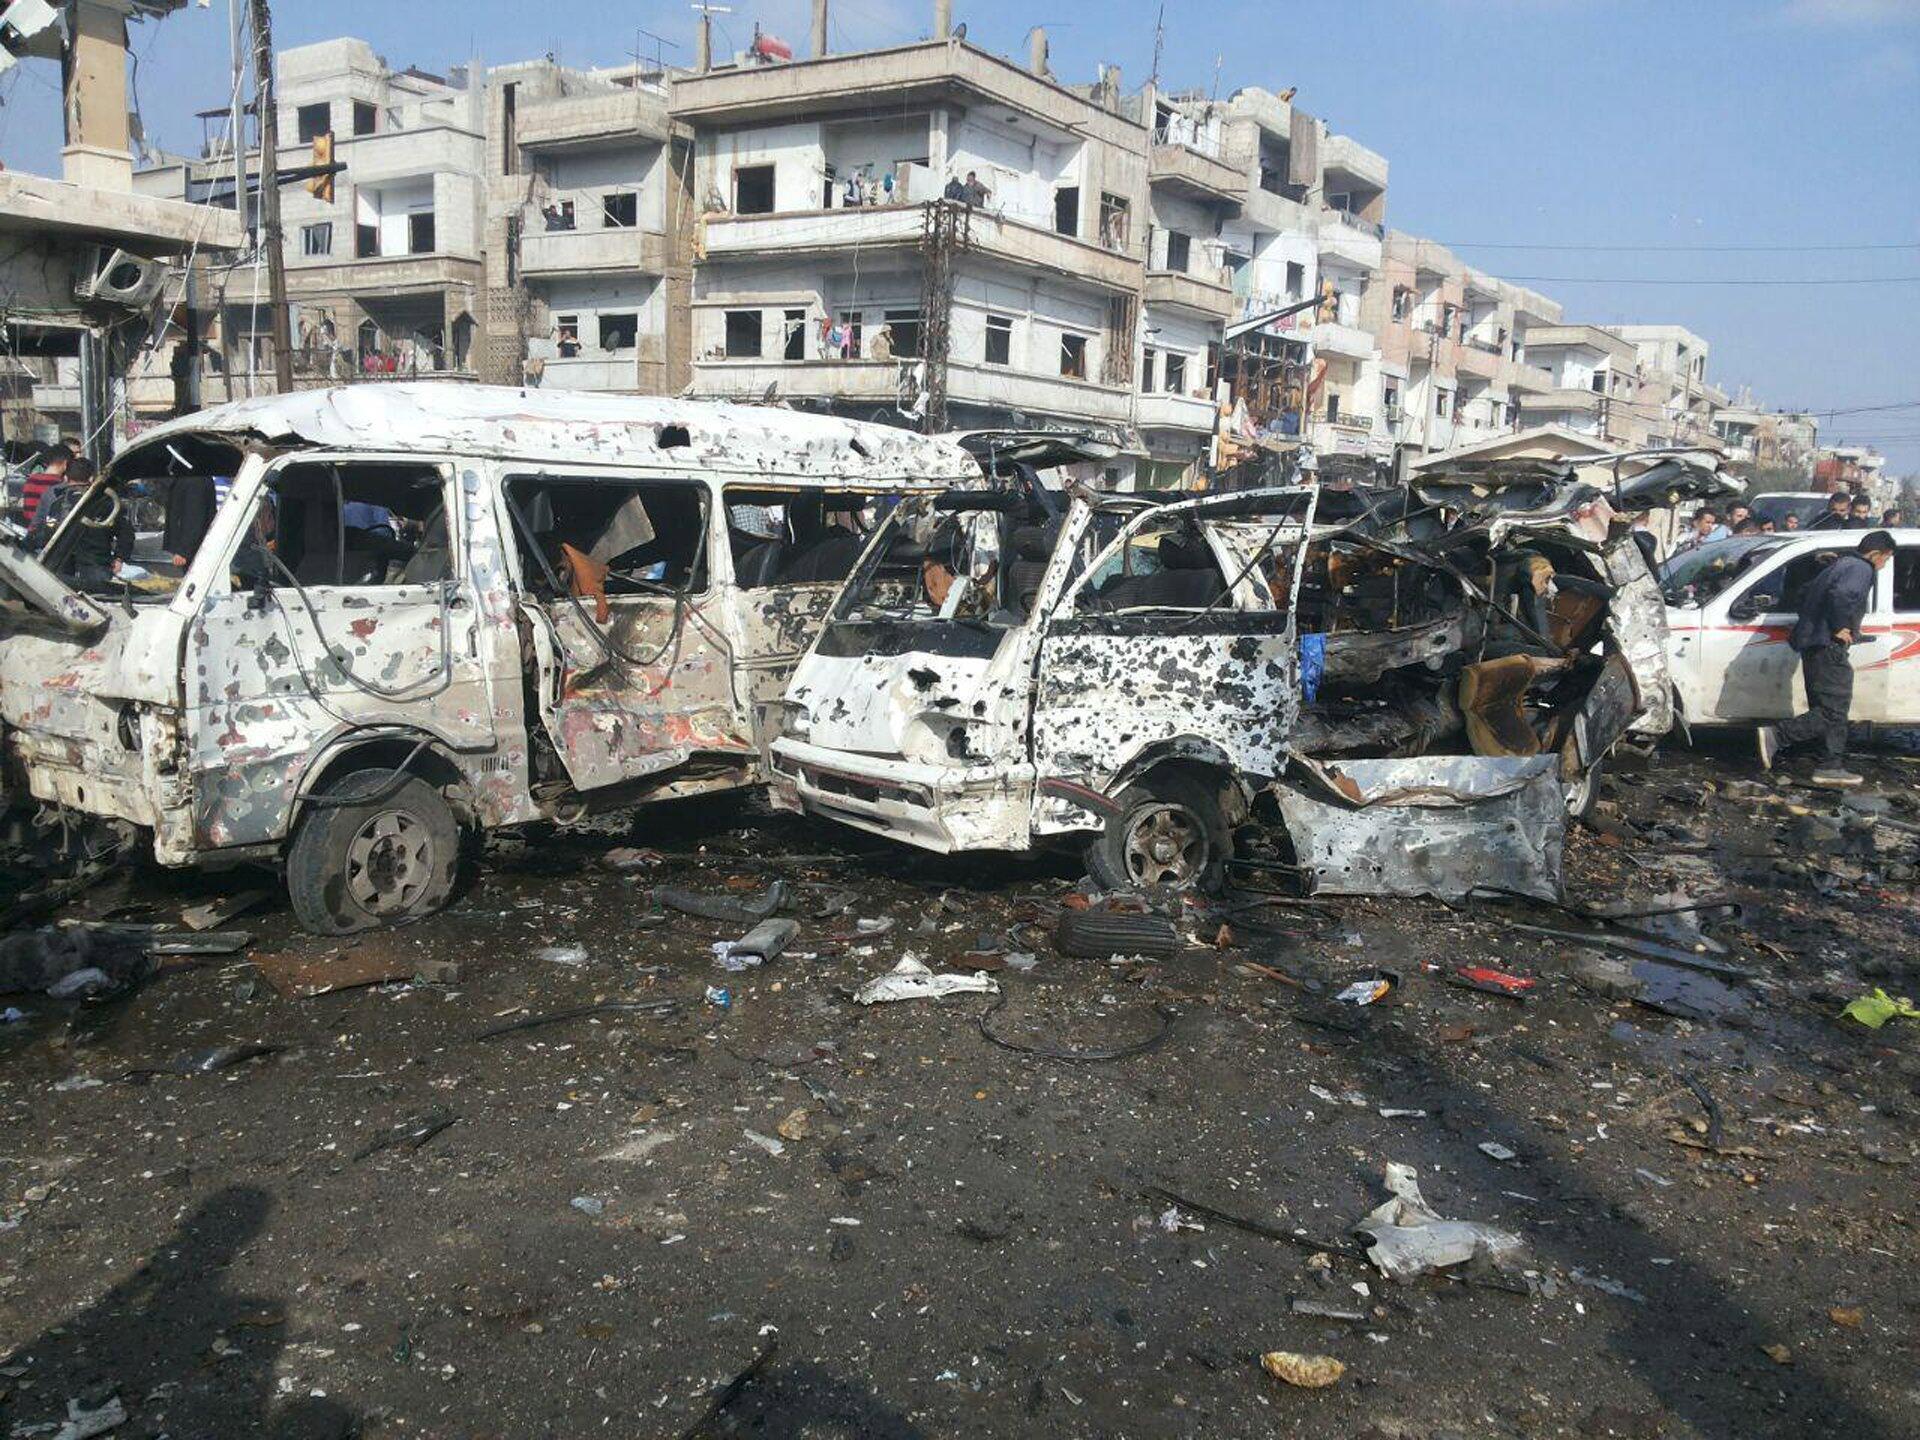 Hiện trường vụ tấn công khủng bố tại thành phố Homs, Syria, ngày 21/02/2016.